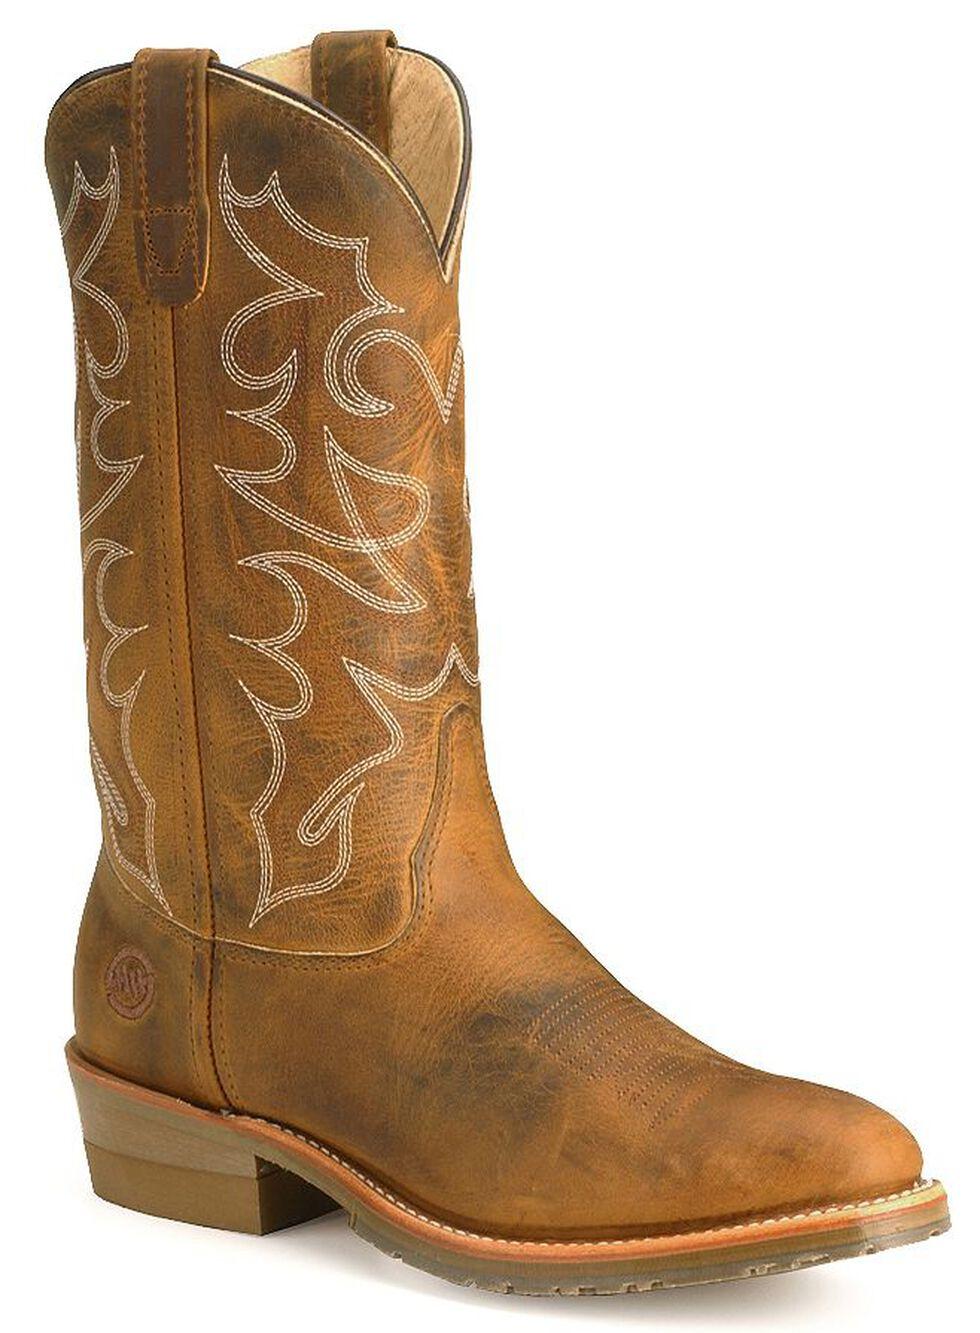 Double H Men's Gel Ice Work Boots - Steel Toe, Brown, hi-res